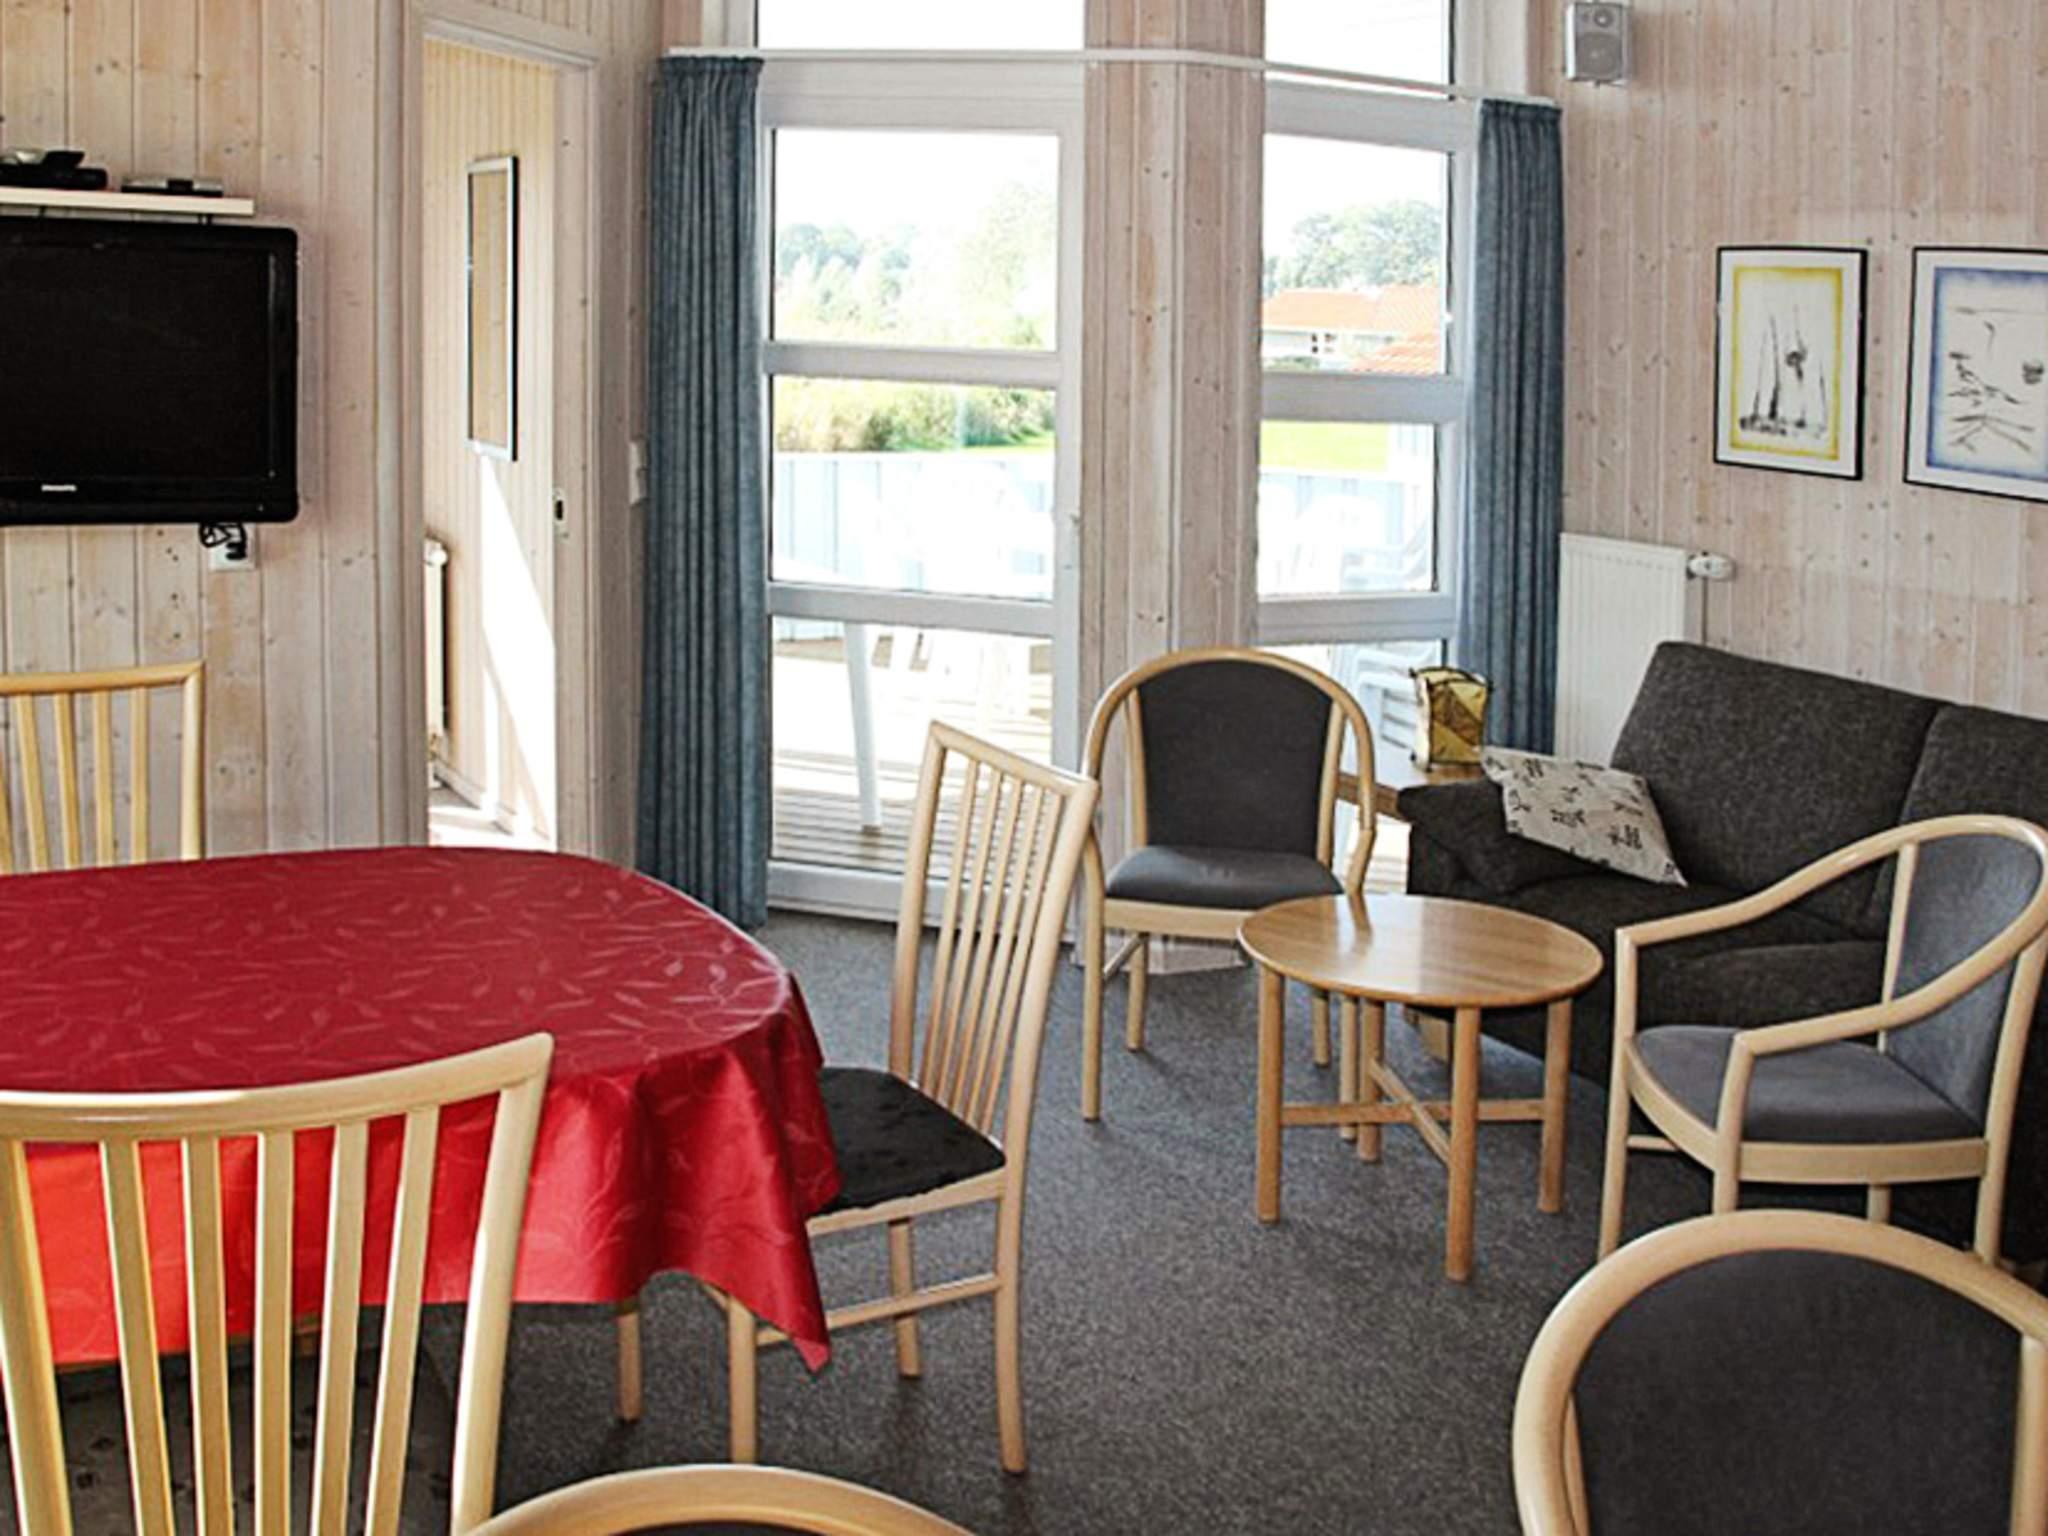 Ferienhaus Otterndorf (84812), Otterndorf, Cuxhaven, Niedersachsen, Deutschland, Bild 4